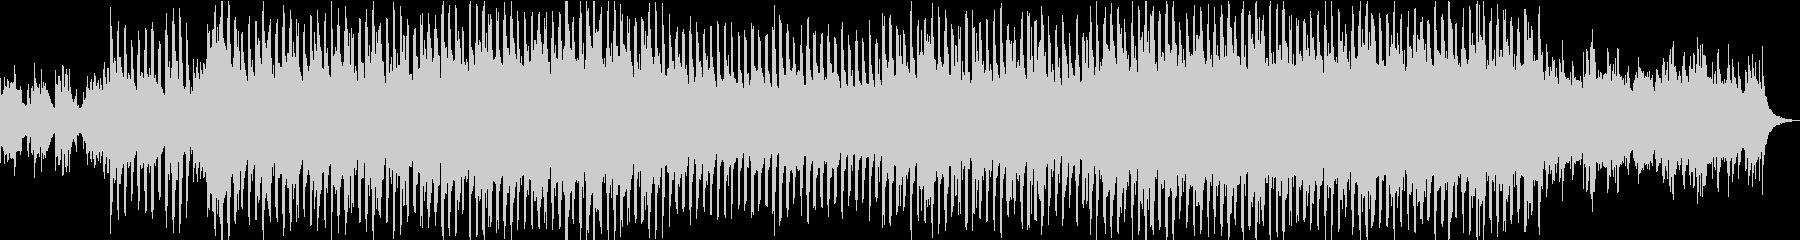 和風の琴と尺八のテクノポップの未再生の波形